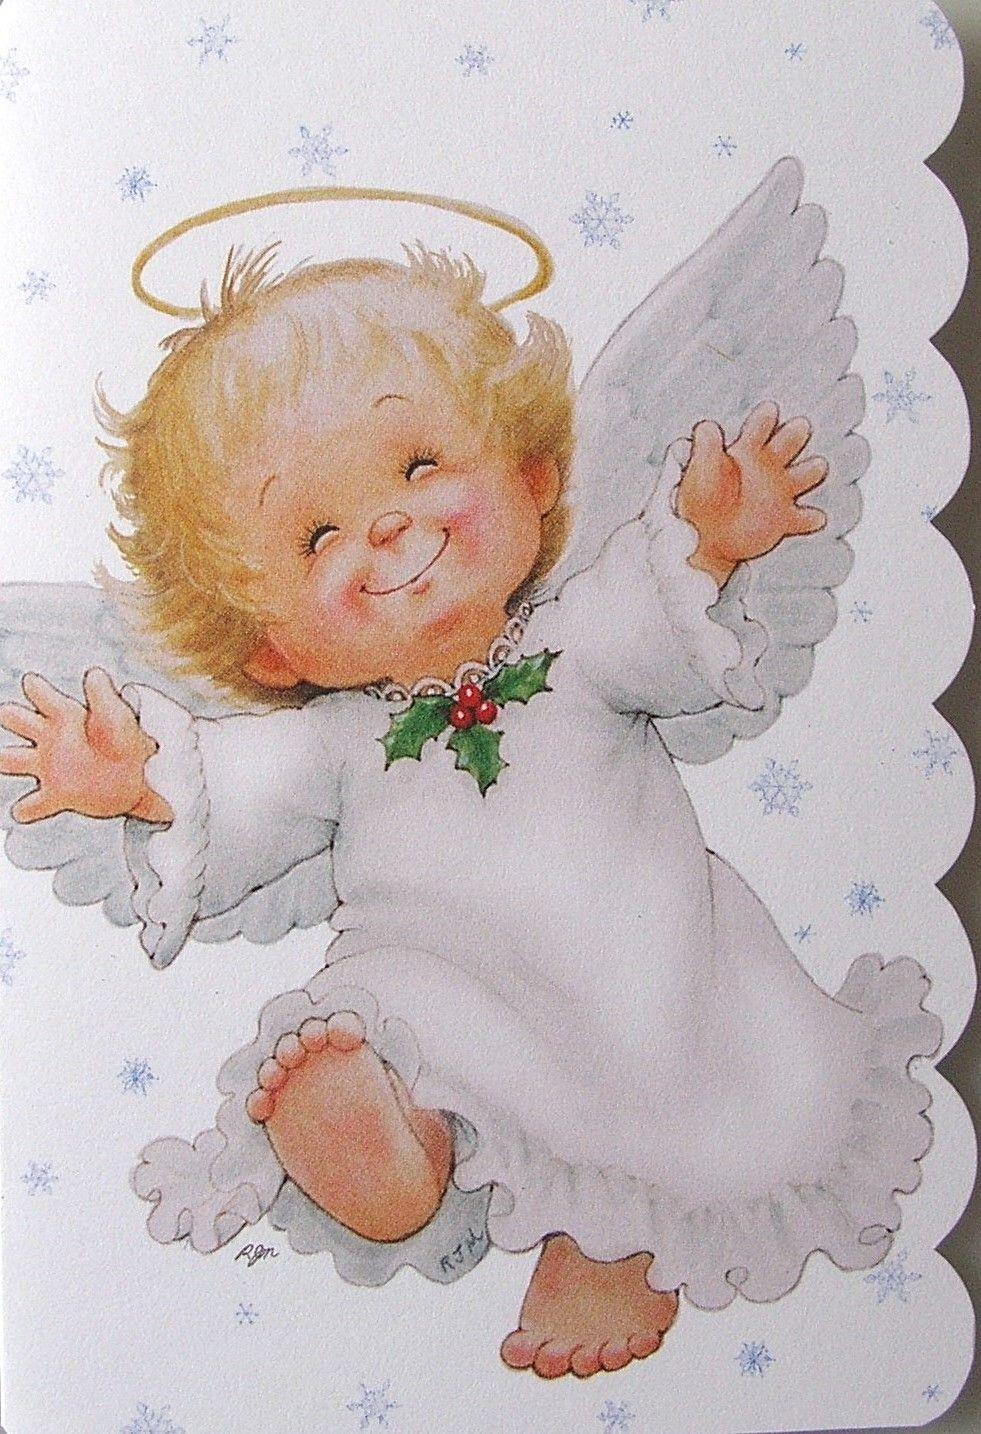 этого картинки рождественских ангелов с крыльями нас